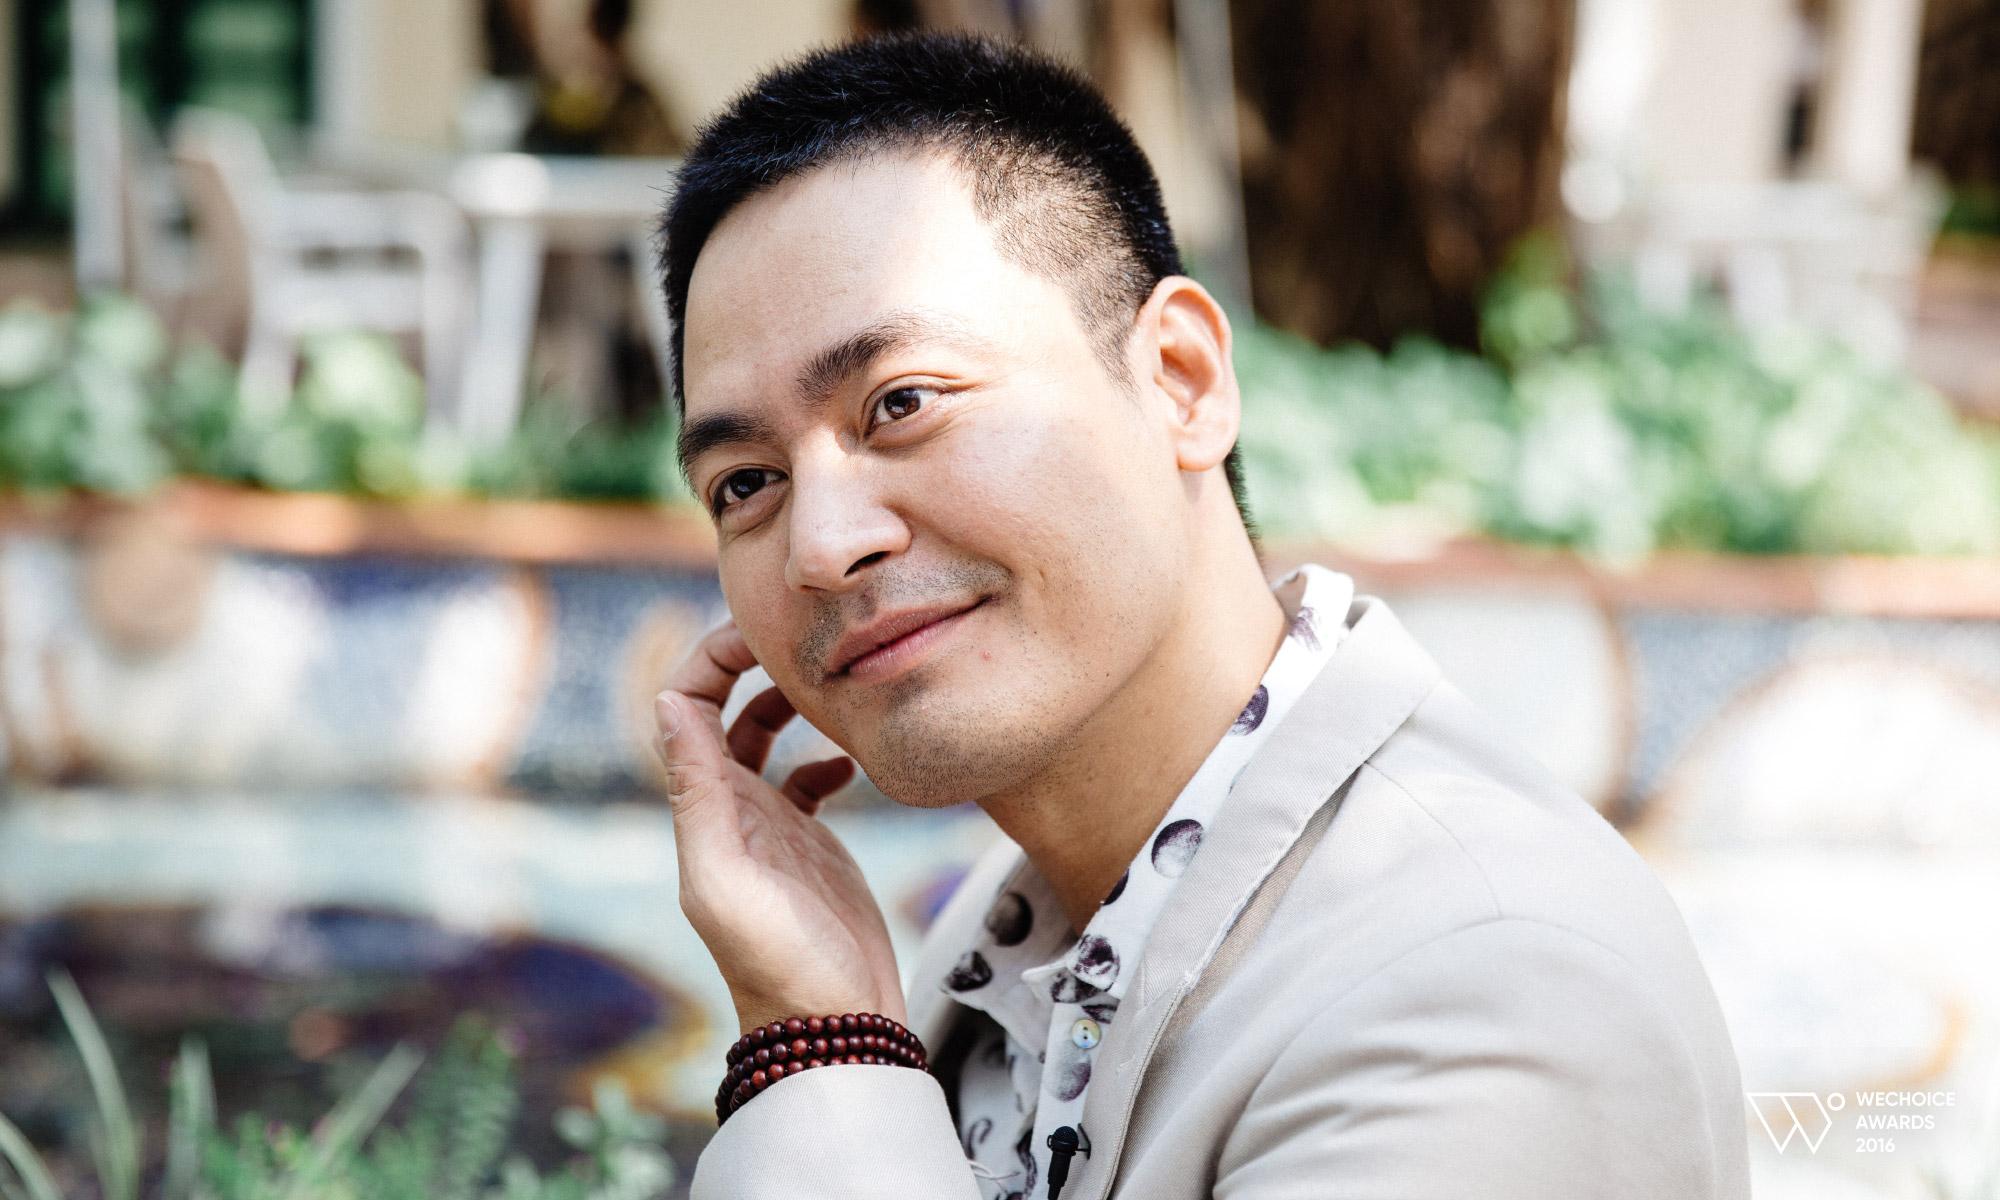 Phan Anh: Lòng tử tế chưa bao giờ bị bỏ quên, nó luôn sẵn trong tim mỗi người, tôi chỉ góp phần lan truyền nó - Ảnh 9.